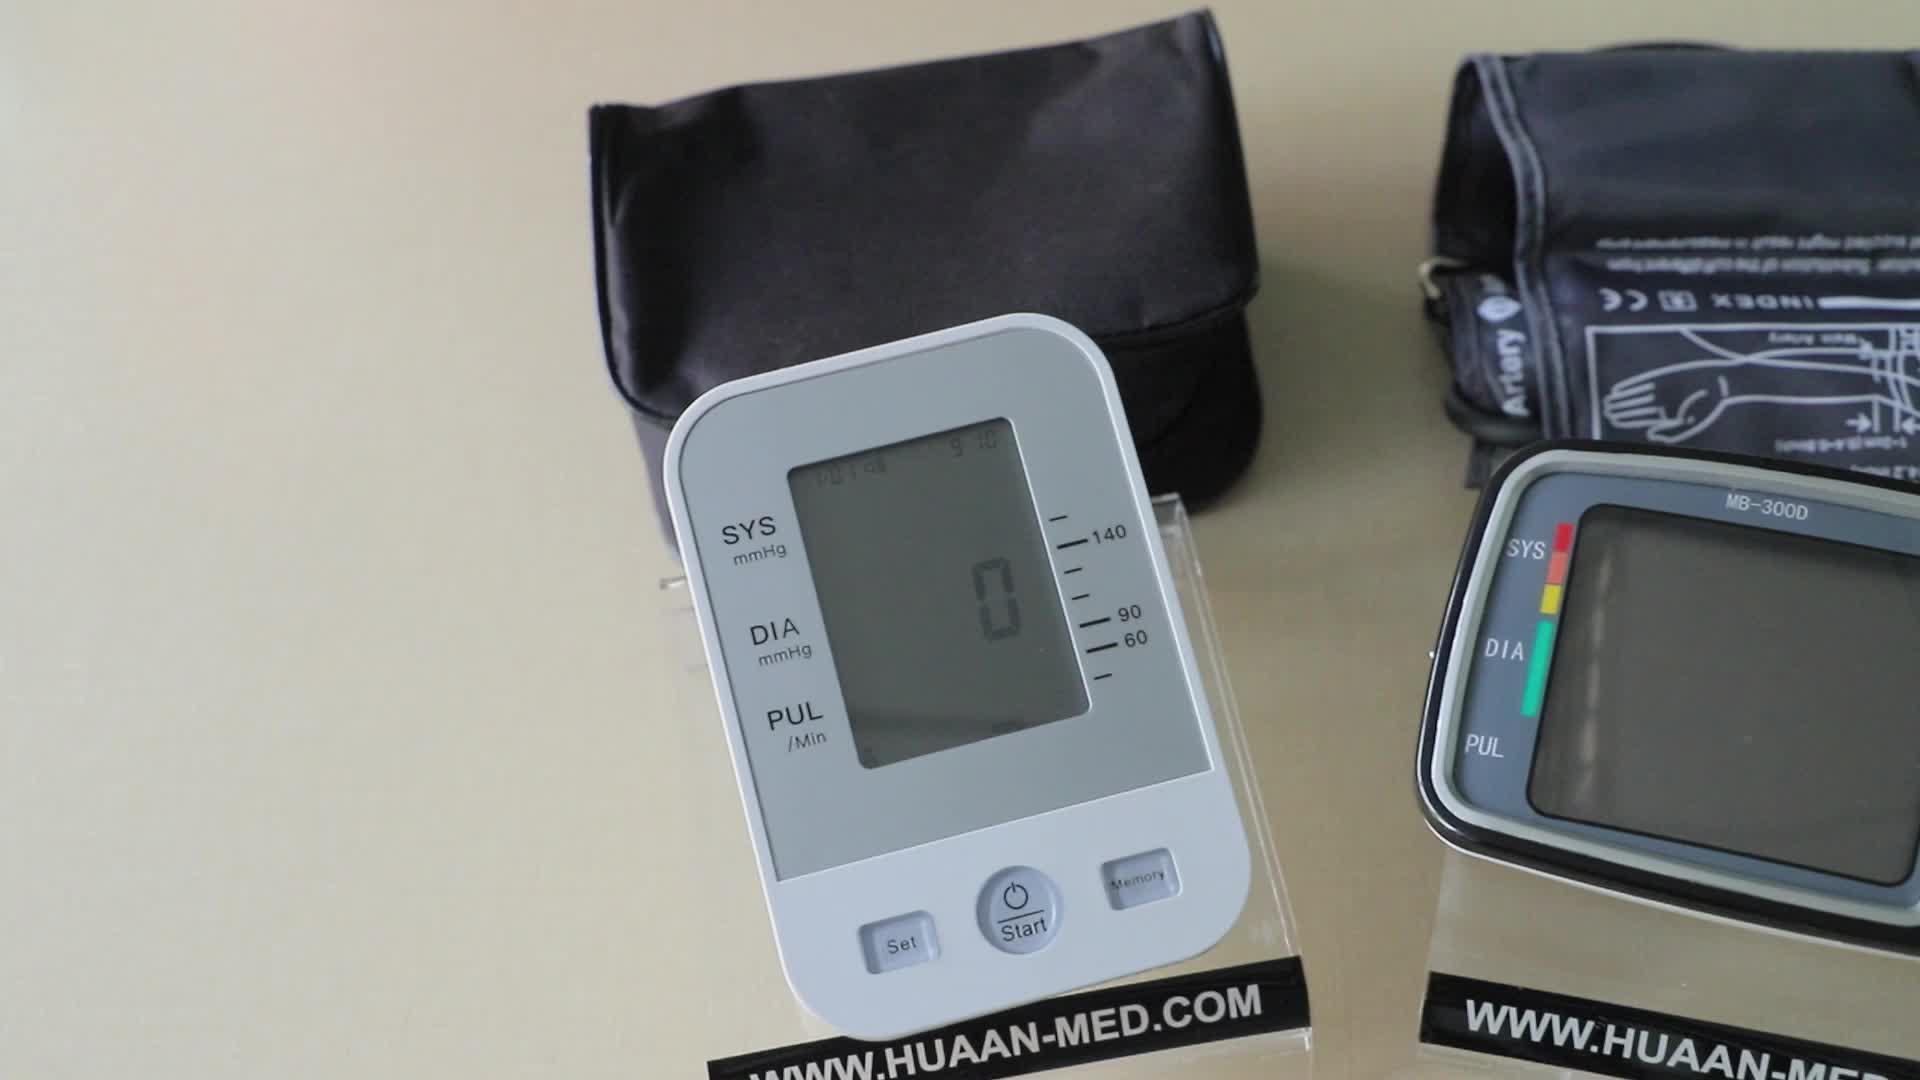 Nouveau Modèle Machine BP moniteur de Pression Artérielle Numérique FDA Usage Domestique pour Mesure de la Pression Artérielle